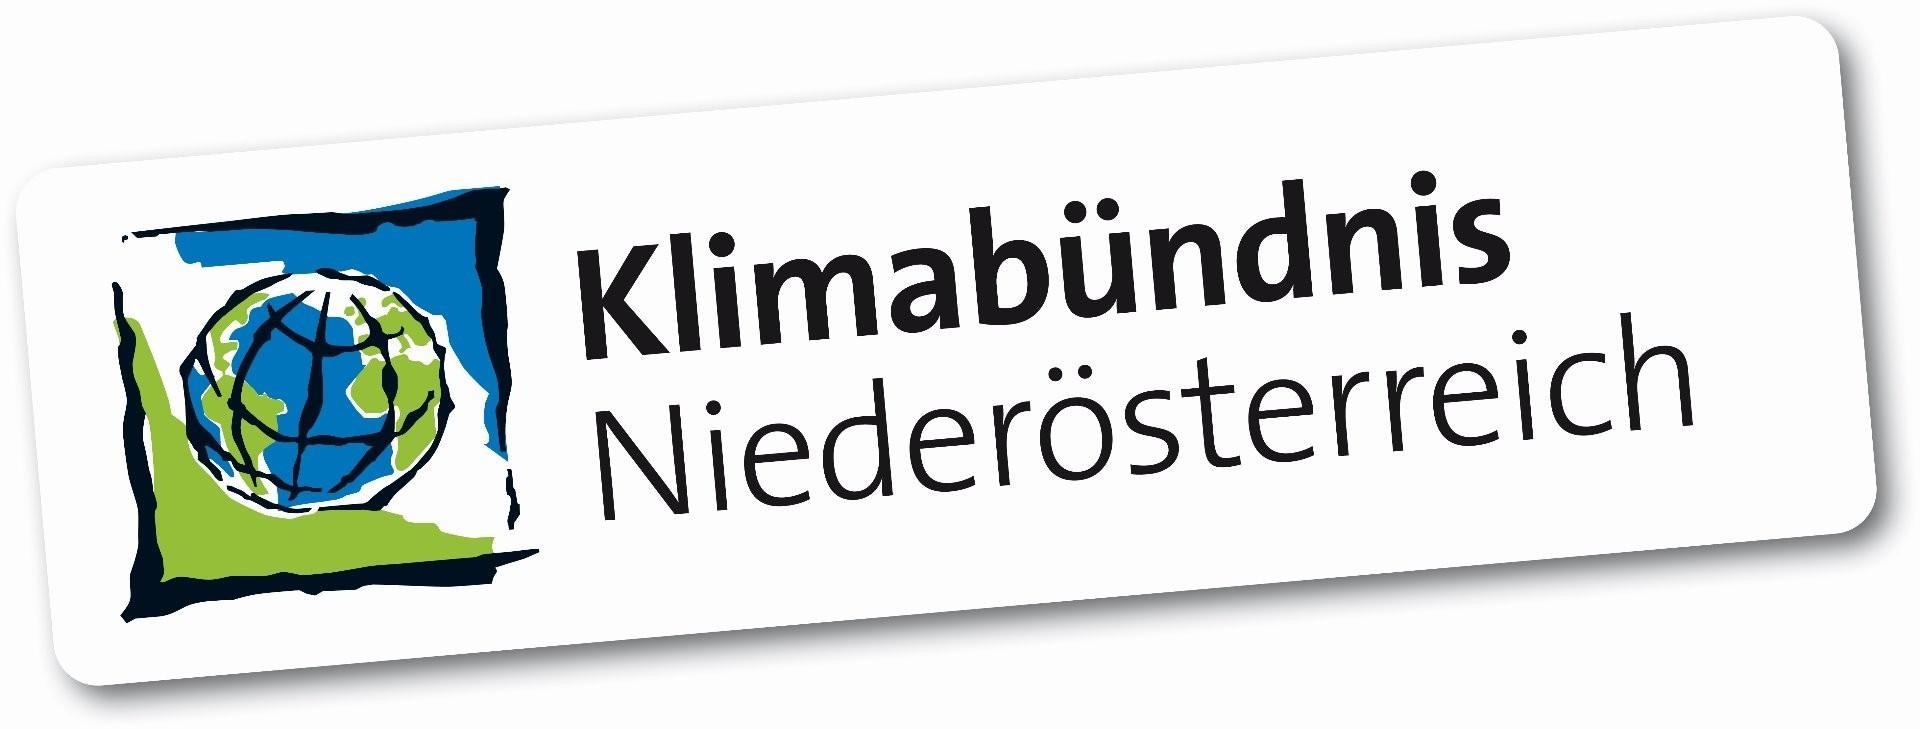 klimabuendnis_logo_noe.jpg